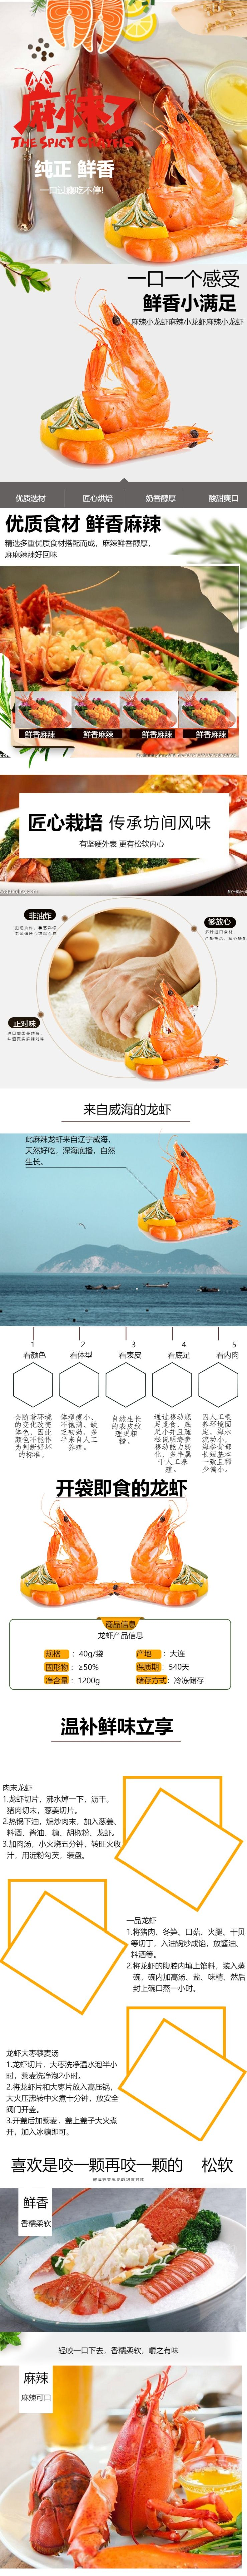 简约美味龙虾食品电商详情页